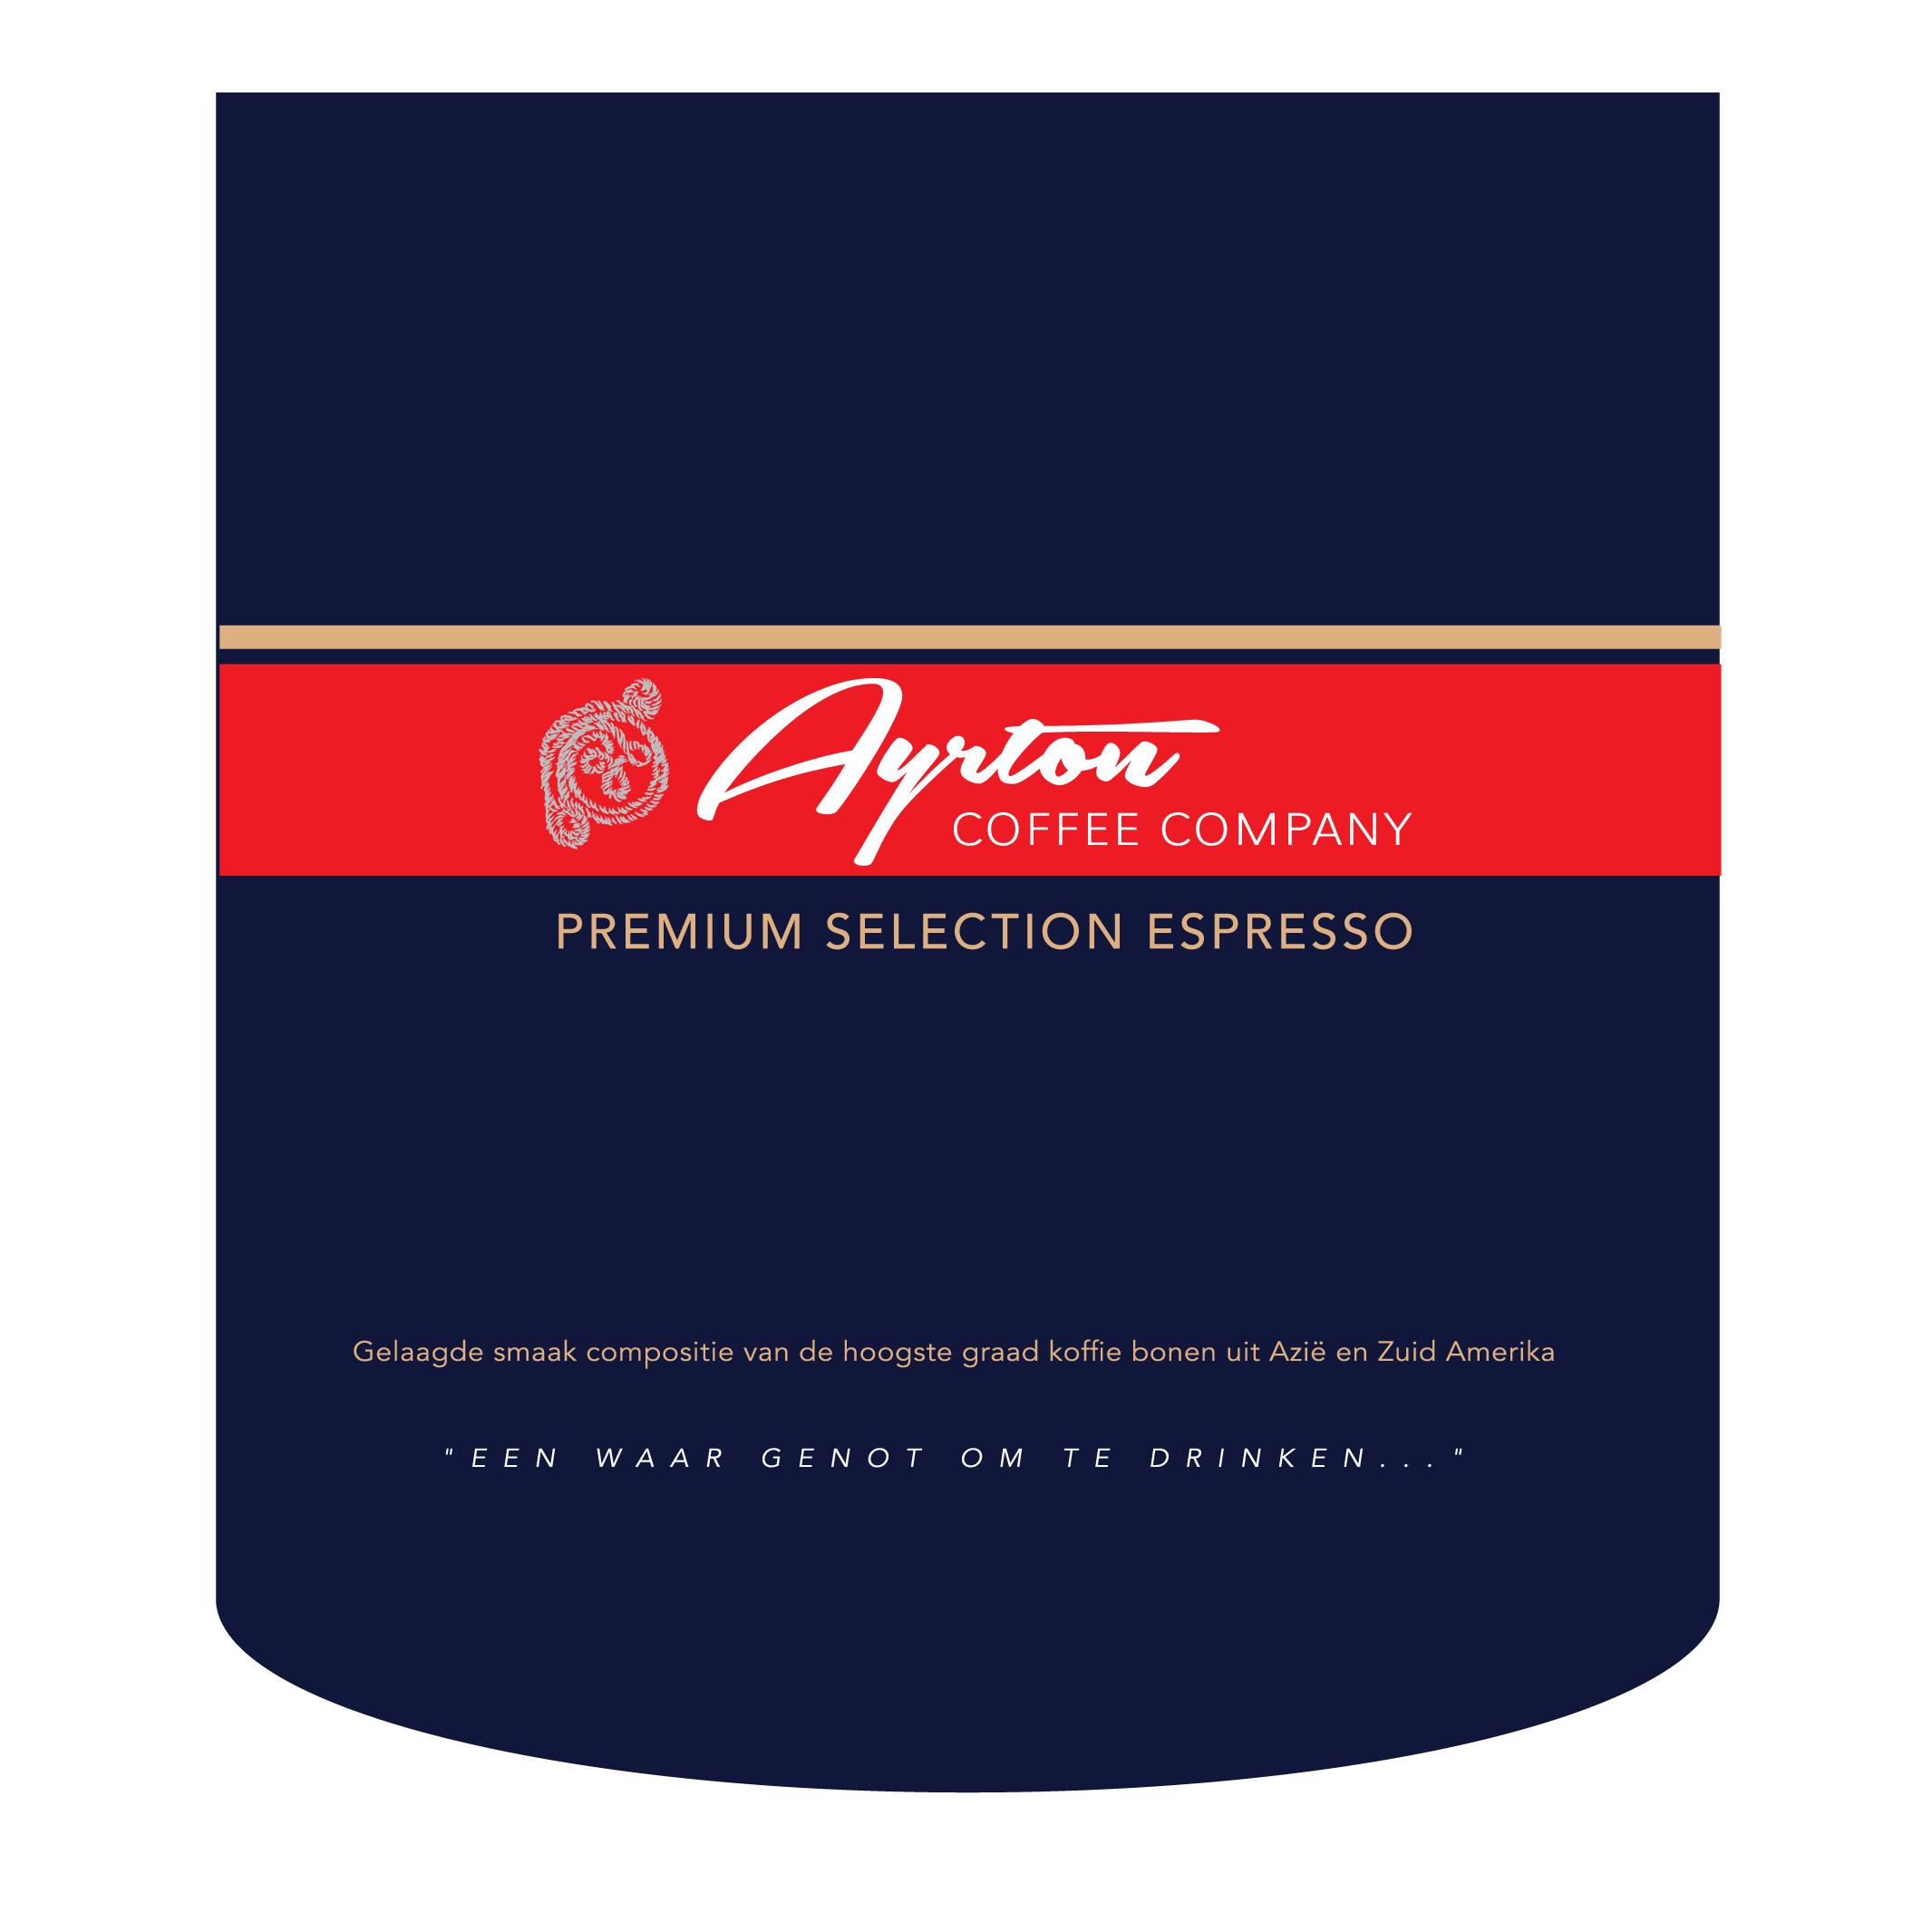 Ayrton coffee